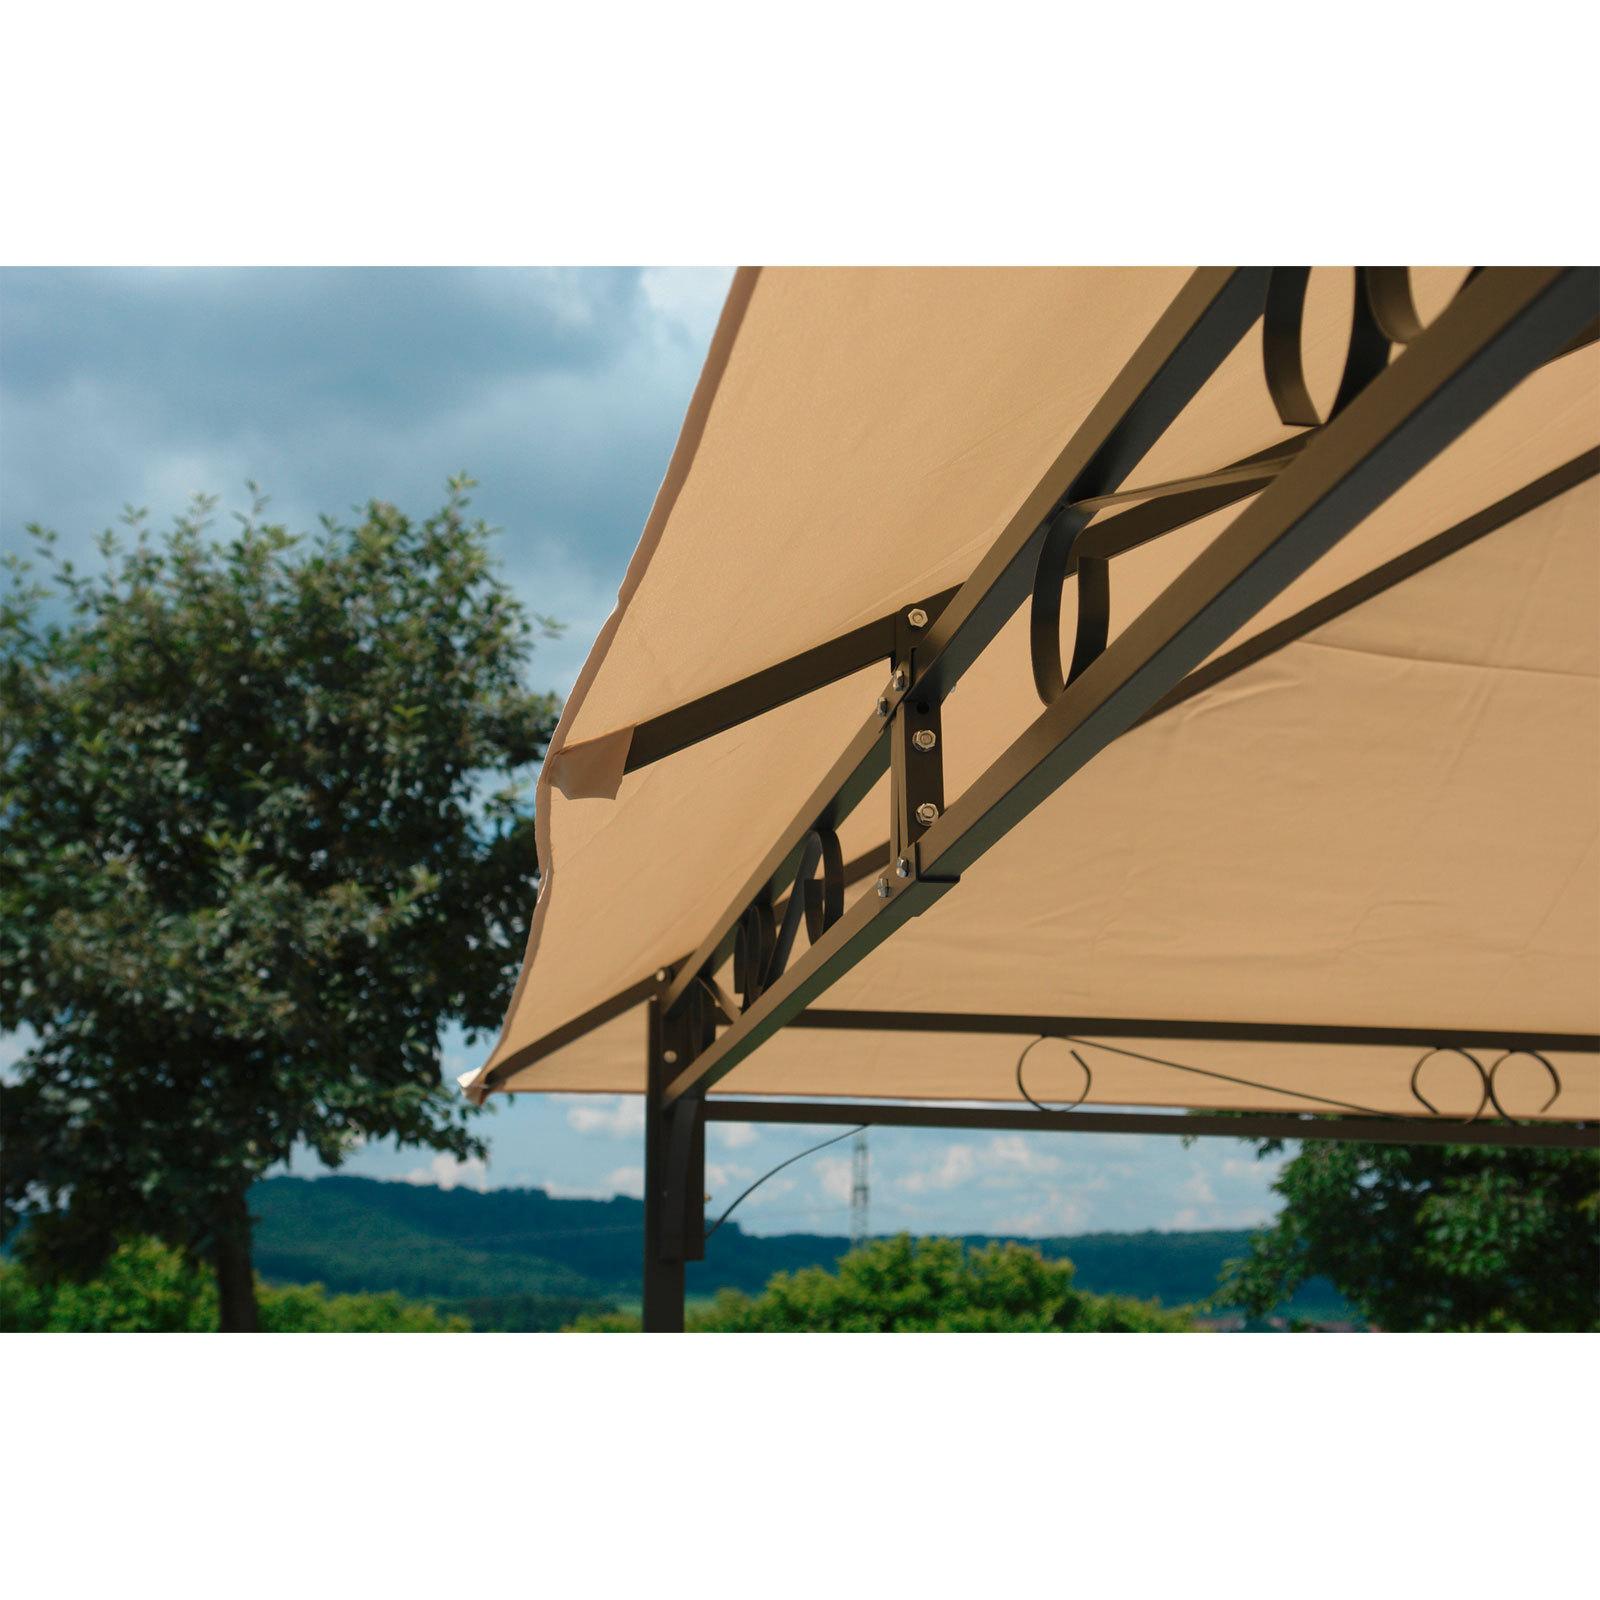 pavillon gartenpavillon garten sonnenschutz berdachung metall 3x4m beige ebay. Black Bedroom Furniture Sets. Home Design Ideas